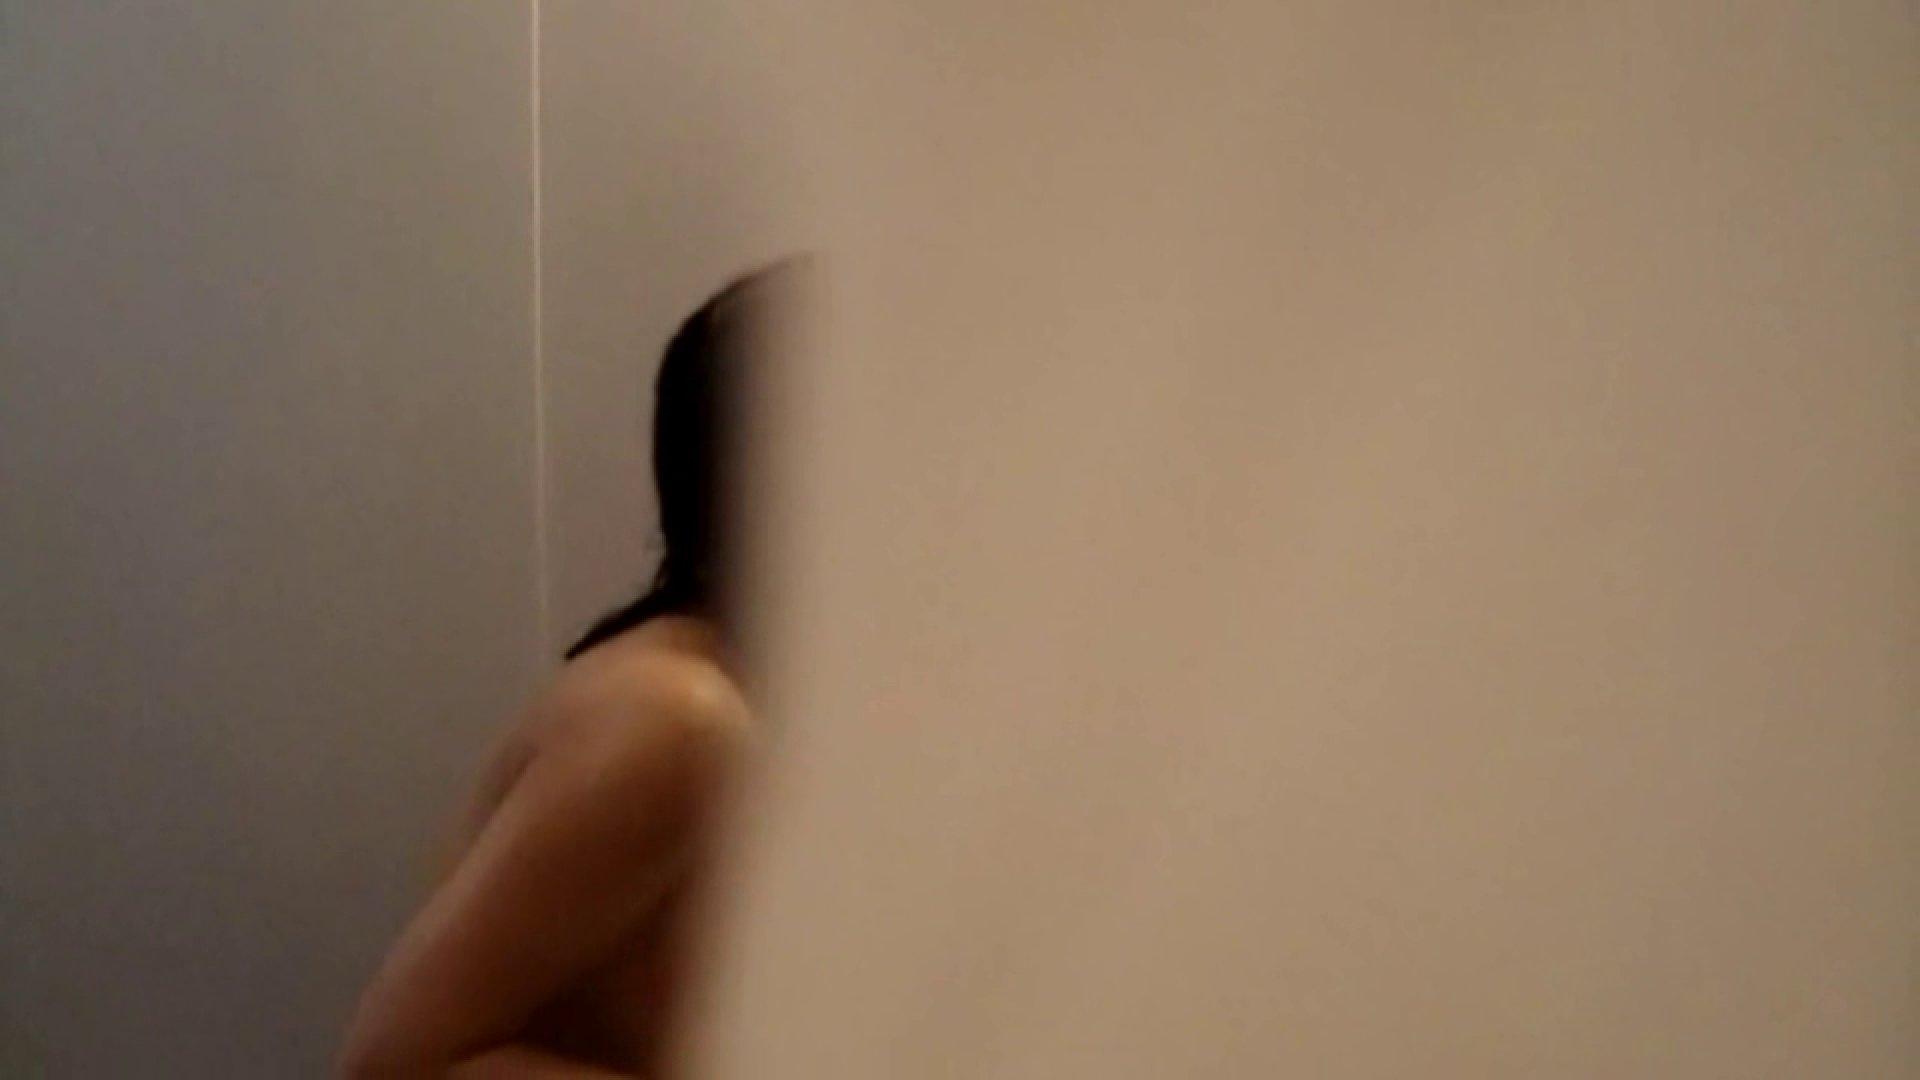 vol.2 葵のグラドル顔負けの爆乳を入浴シーンでどうぞ。 高評価 アダルト動画キャプチャ 111画像 19